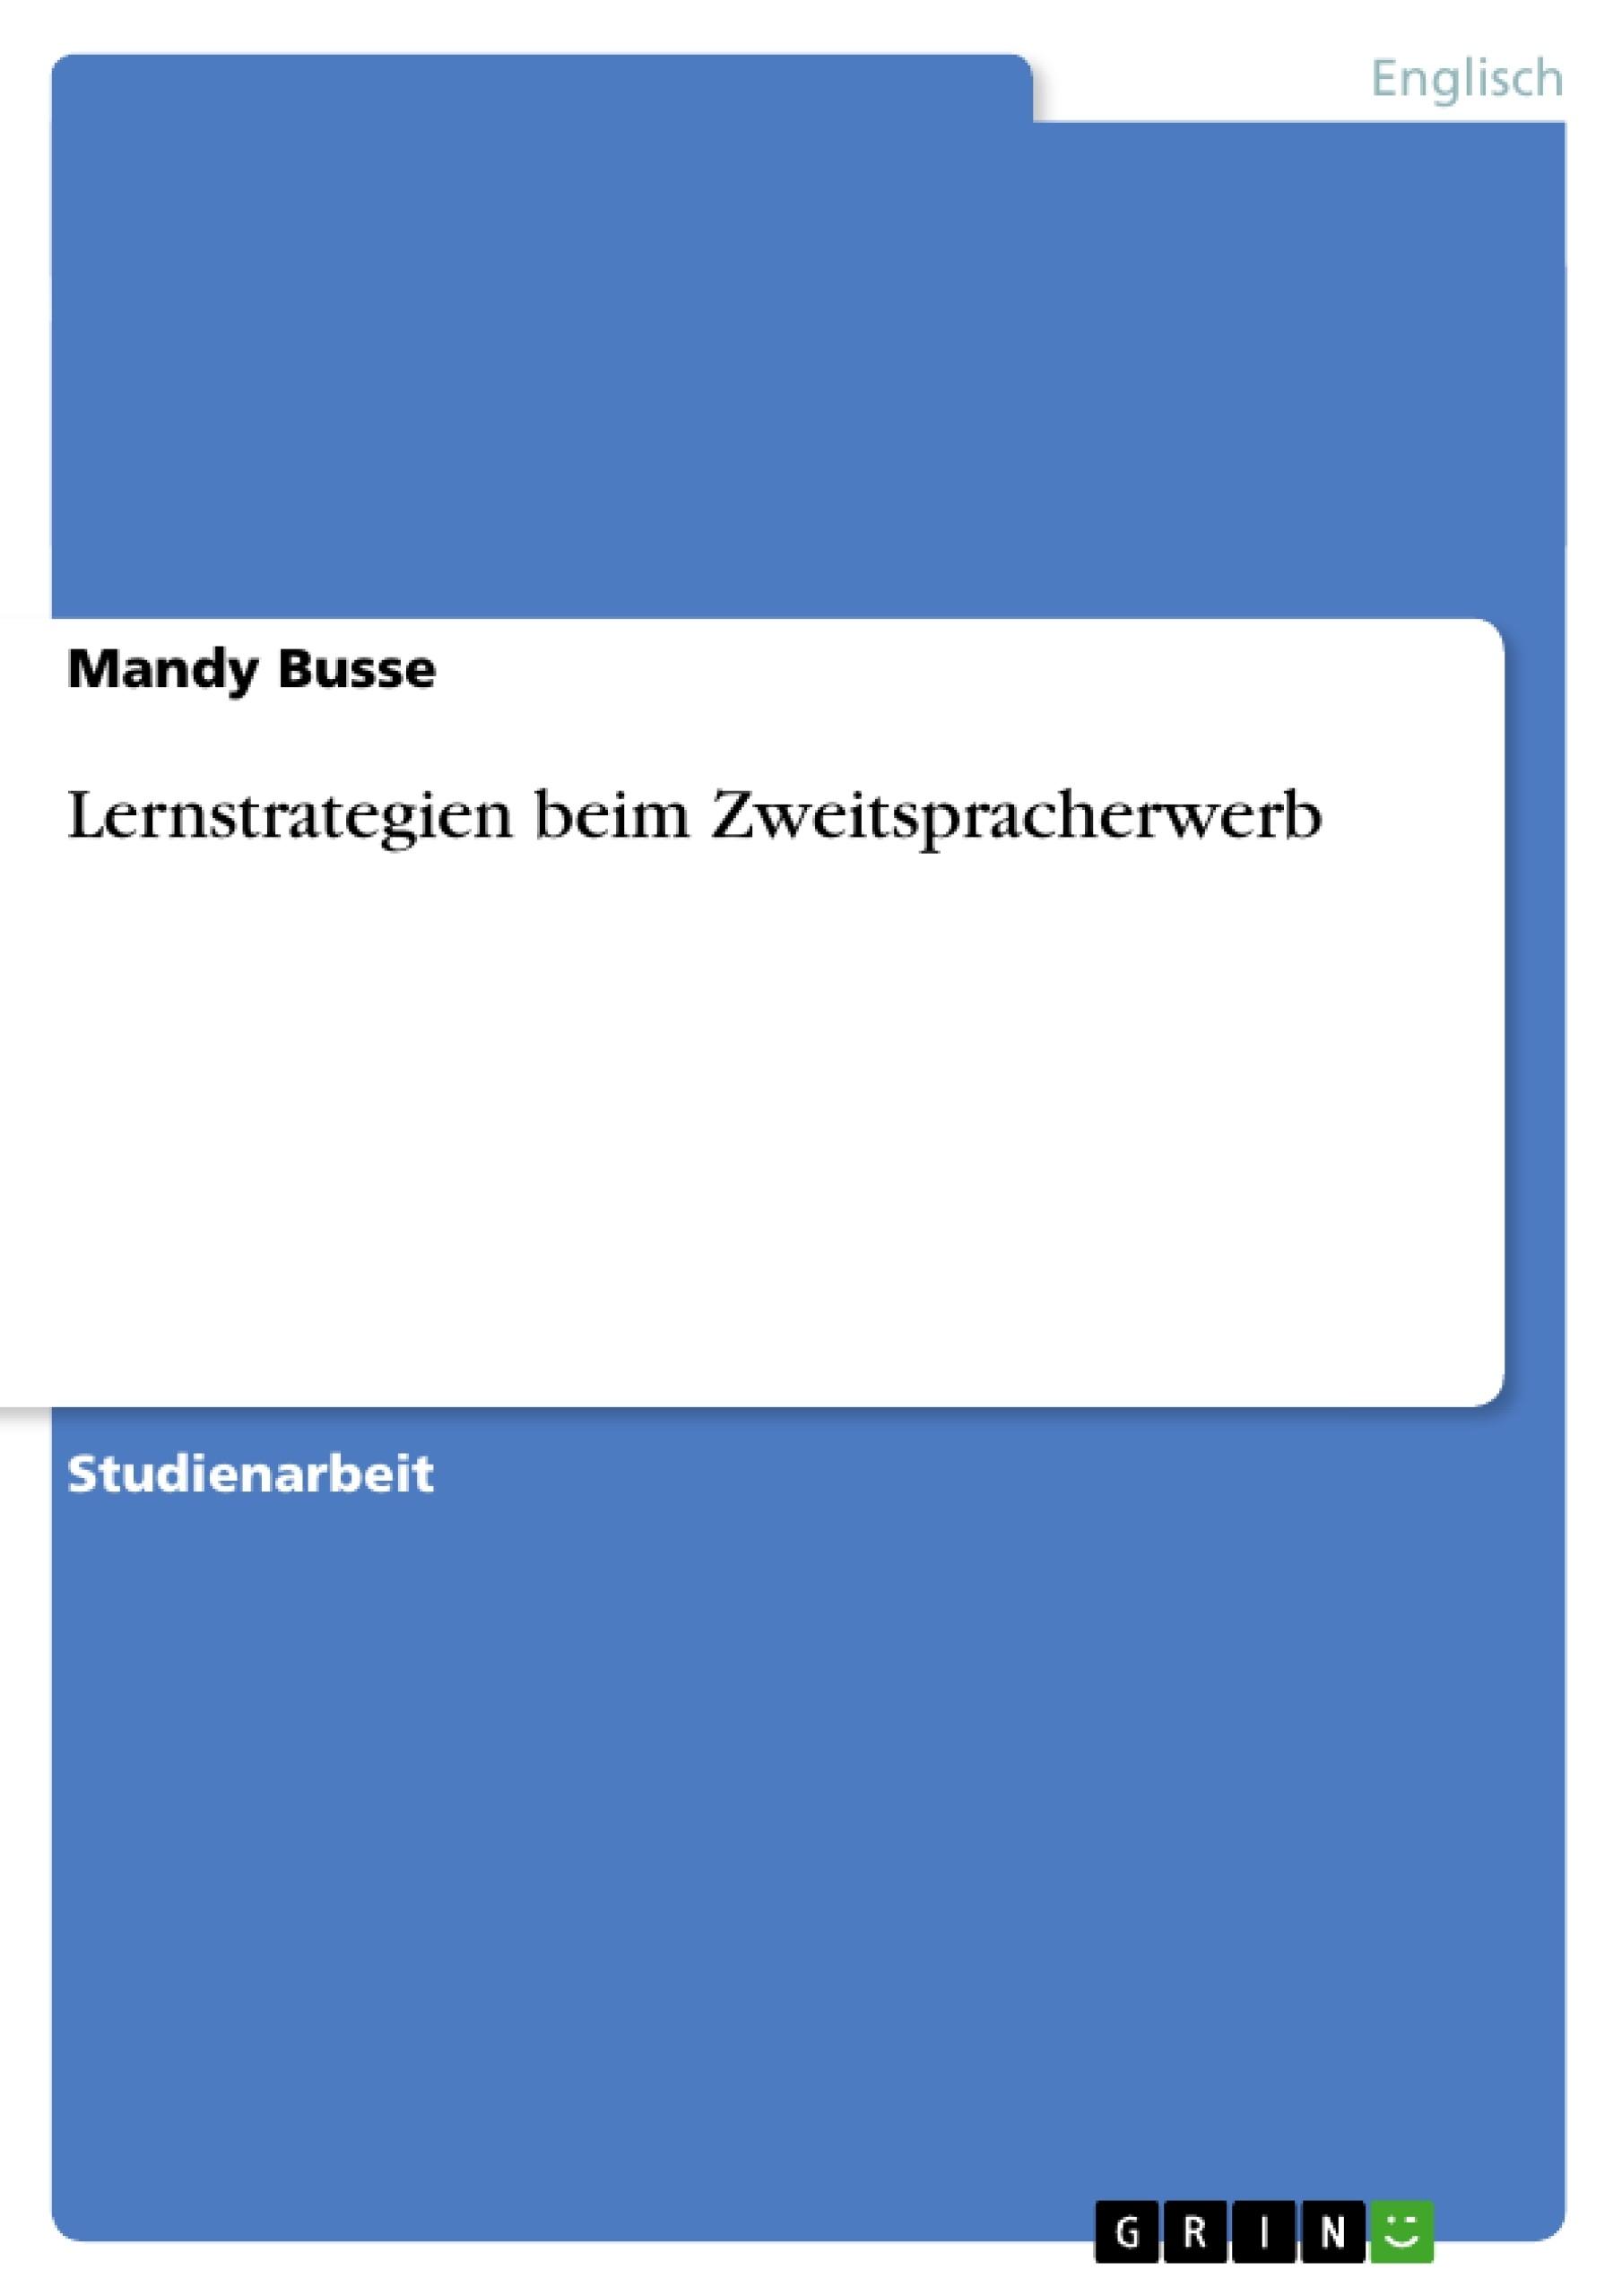 Titel: Lernstrategien beim Zweitspracherwerb